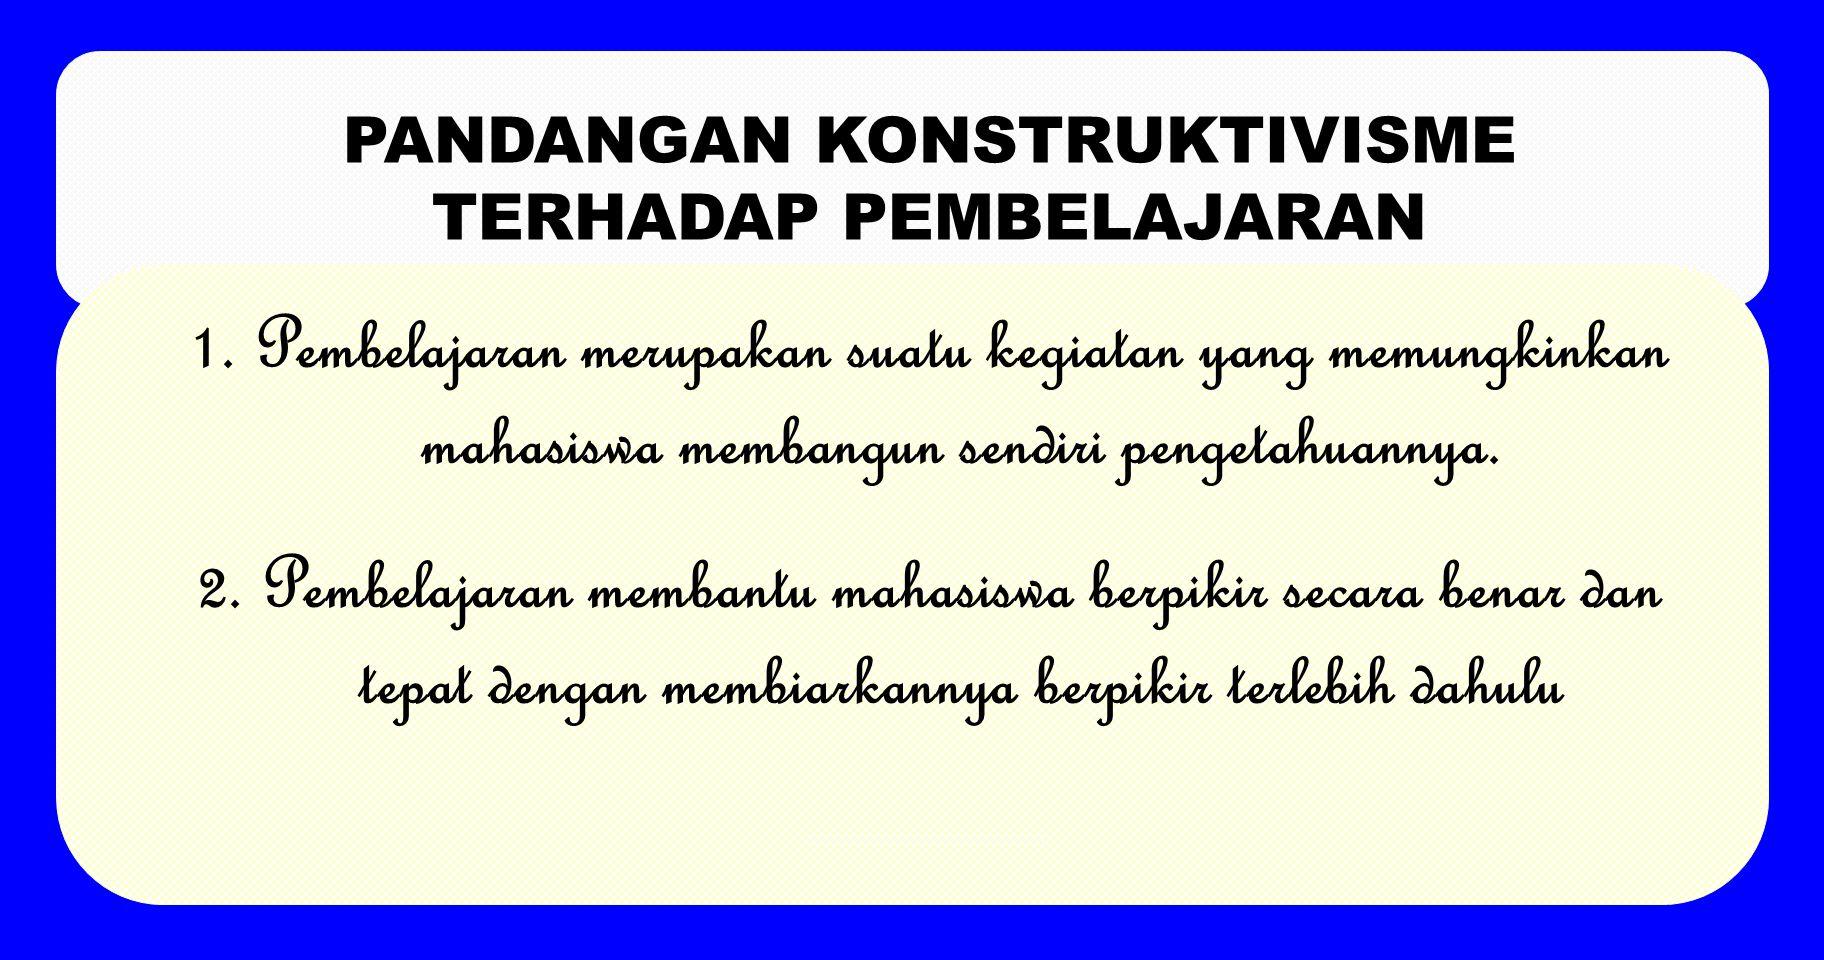 PANDANGAN KONSTRUKTIVISME TERHADAP PEMBELAJARAN